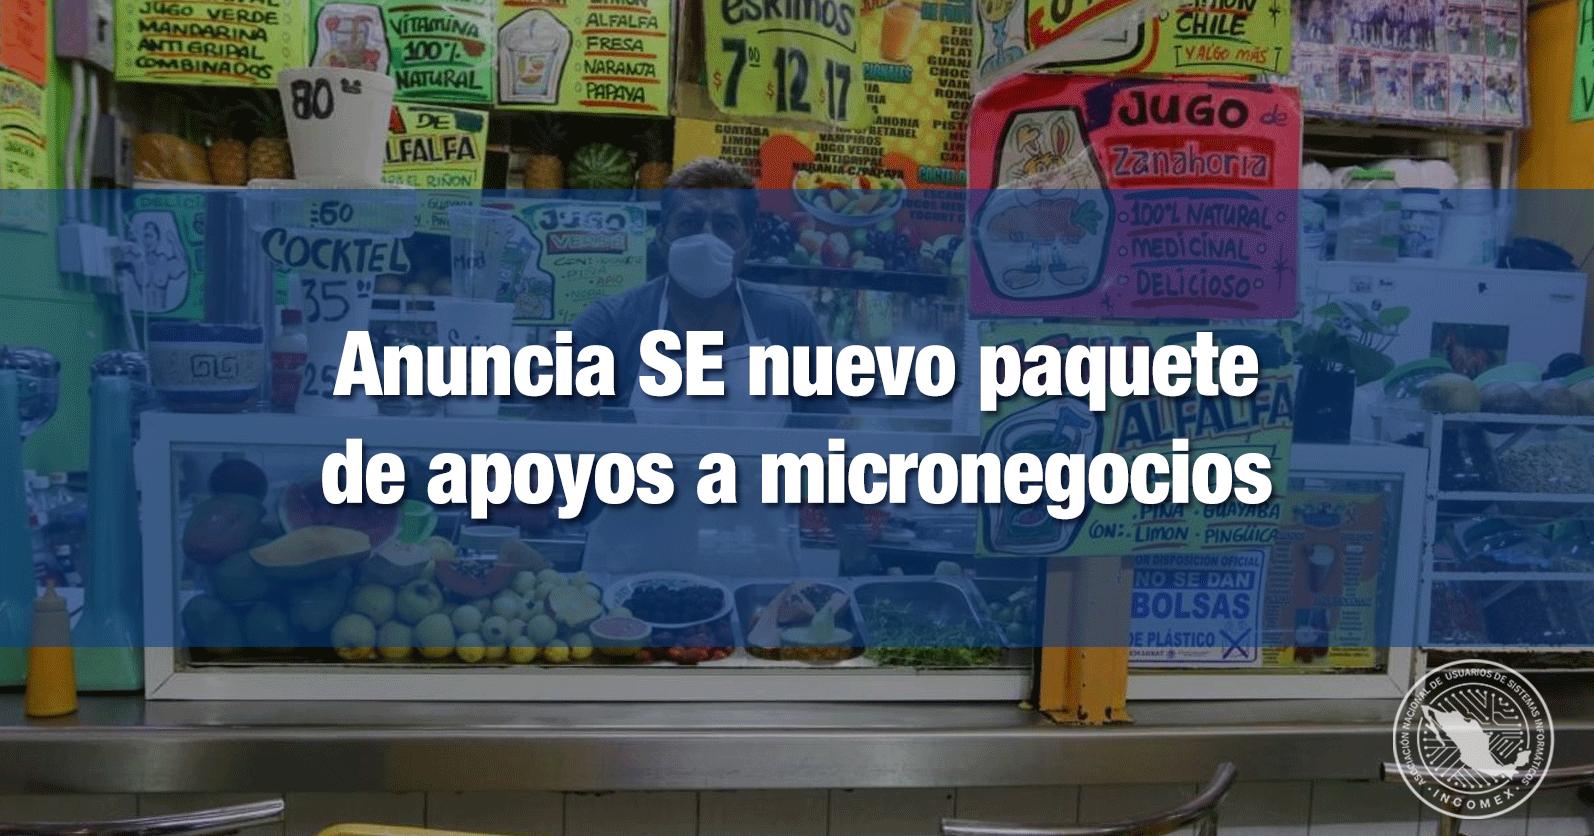 Anuncia SE nuevo paquete de apoyos a micronegocios